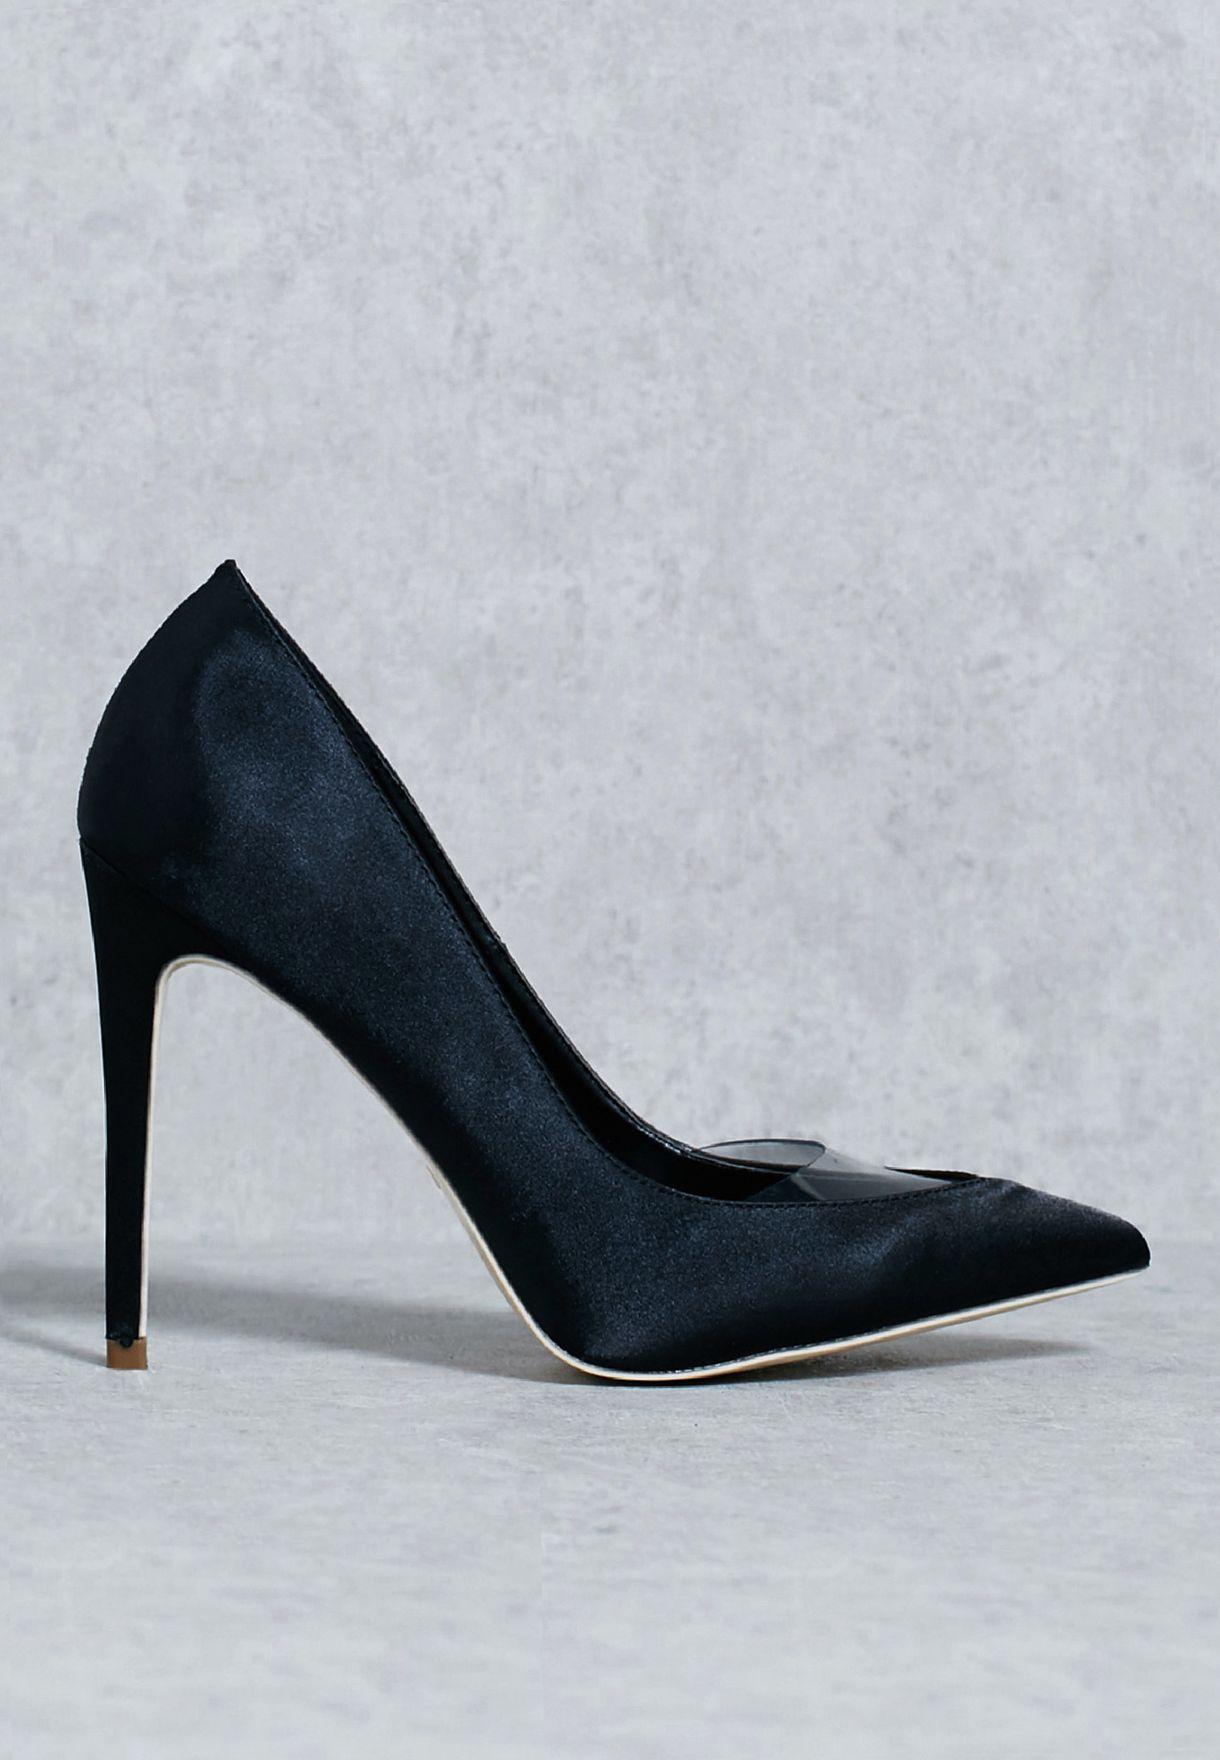 beede46cbe86a تسوق حذاء بكعب عالي ماركة ميس جايديد لون أسود F1606541 في عمان ...